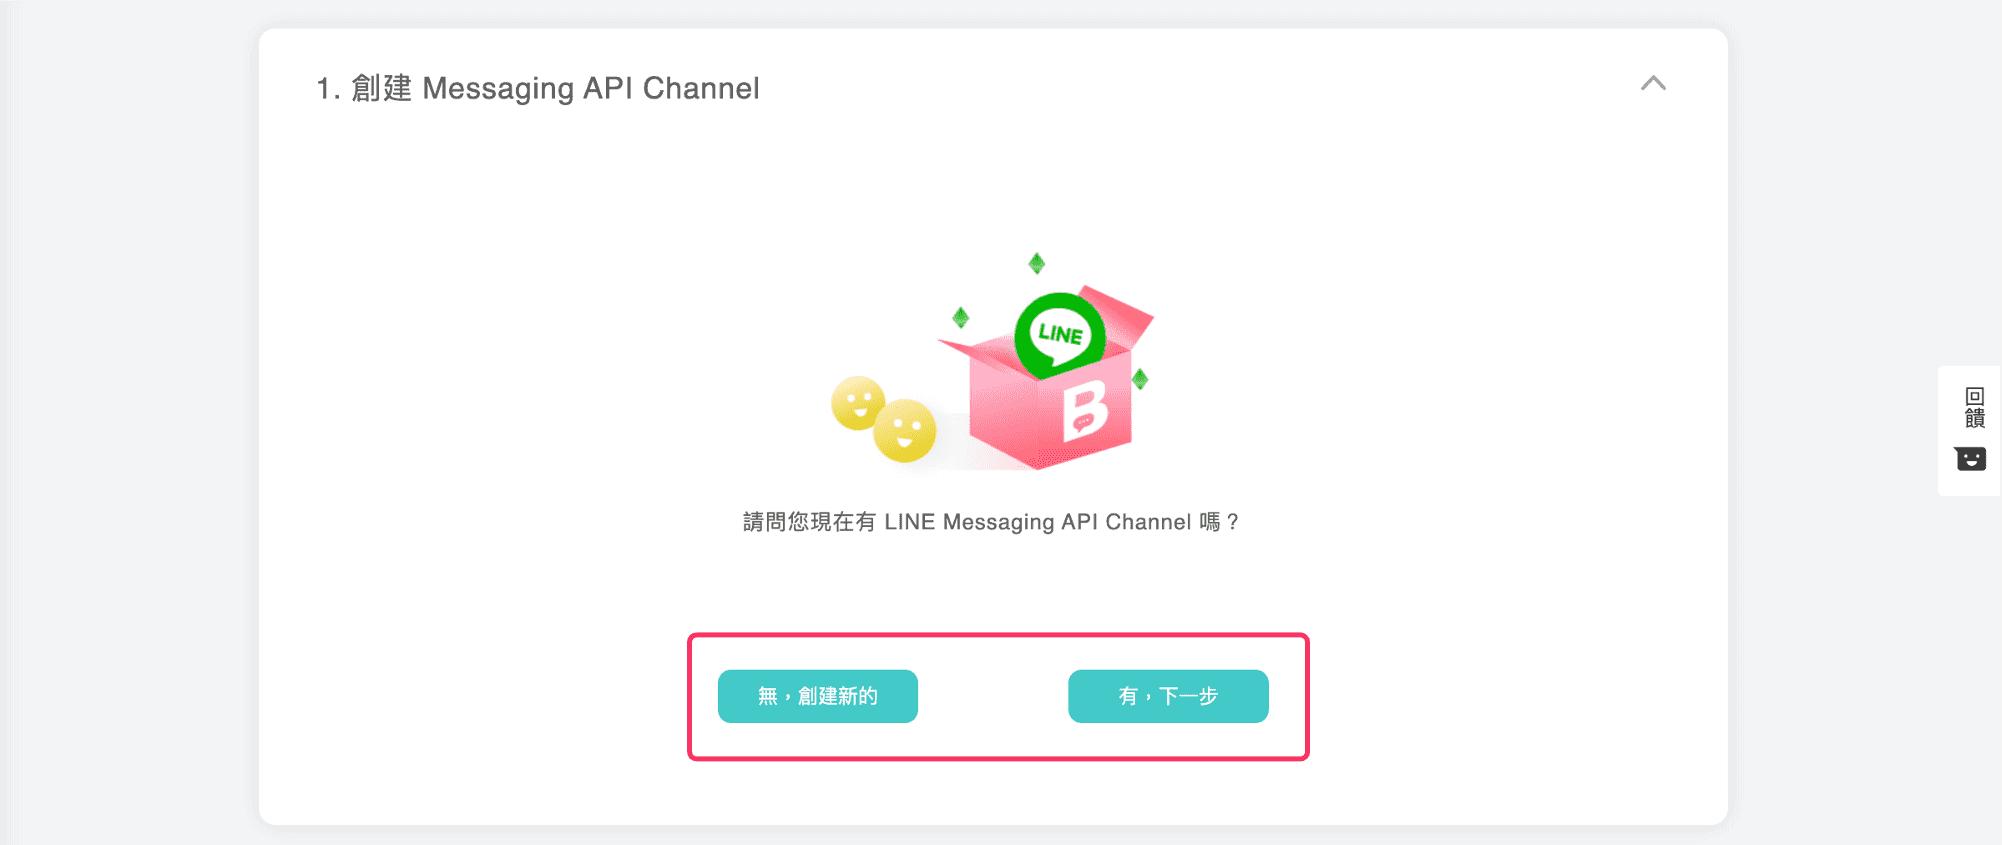 創建 API Channel